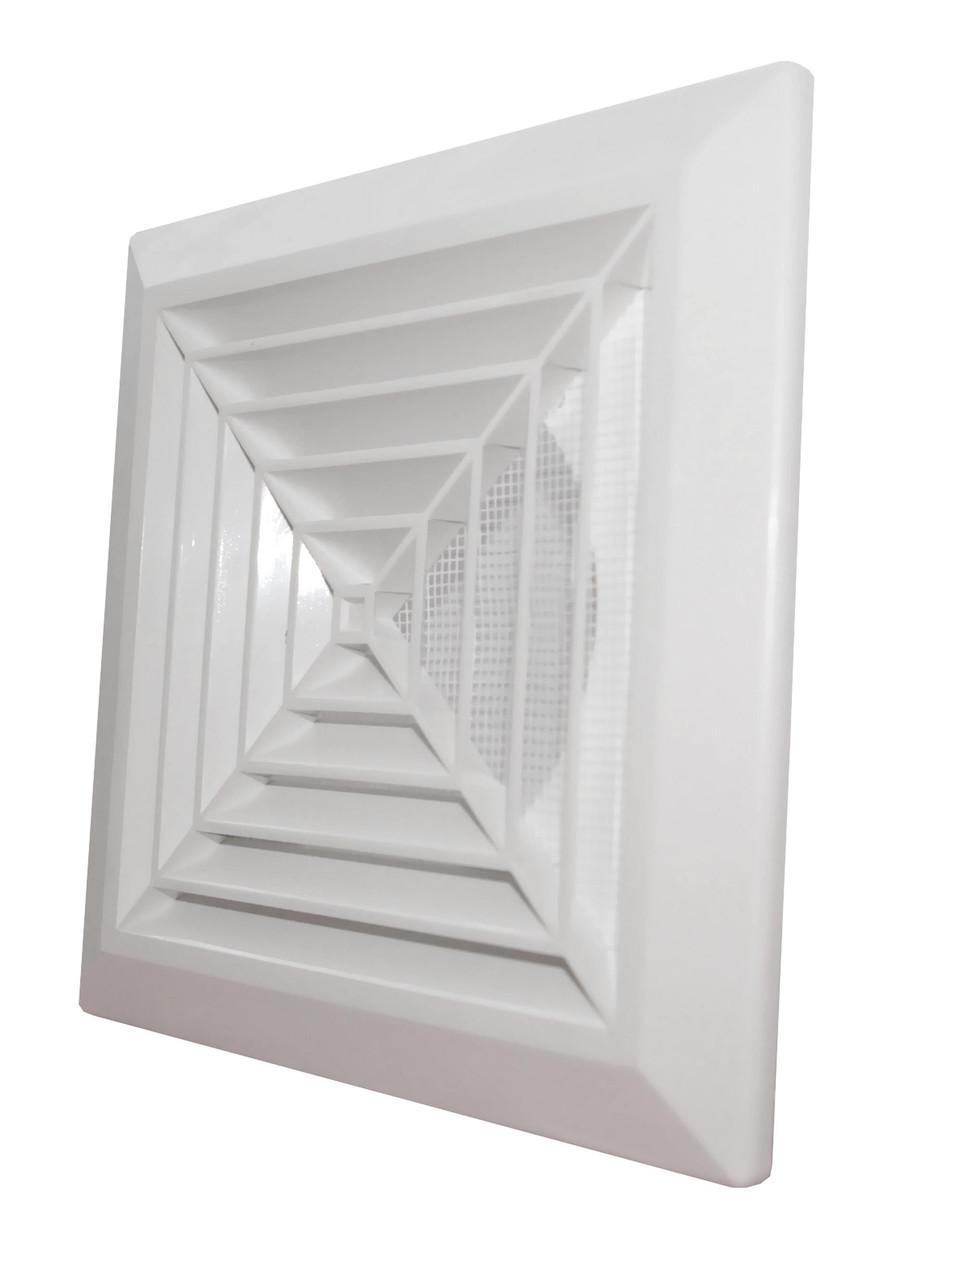 Решетка вентиляционная Dospel KKS 165 (007-0433)